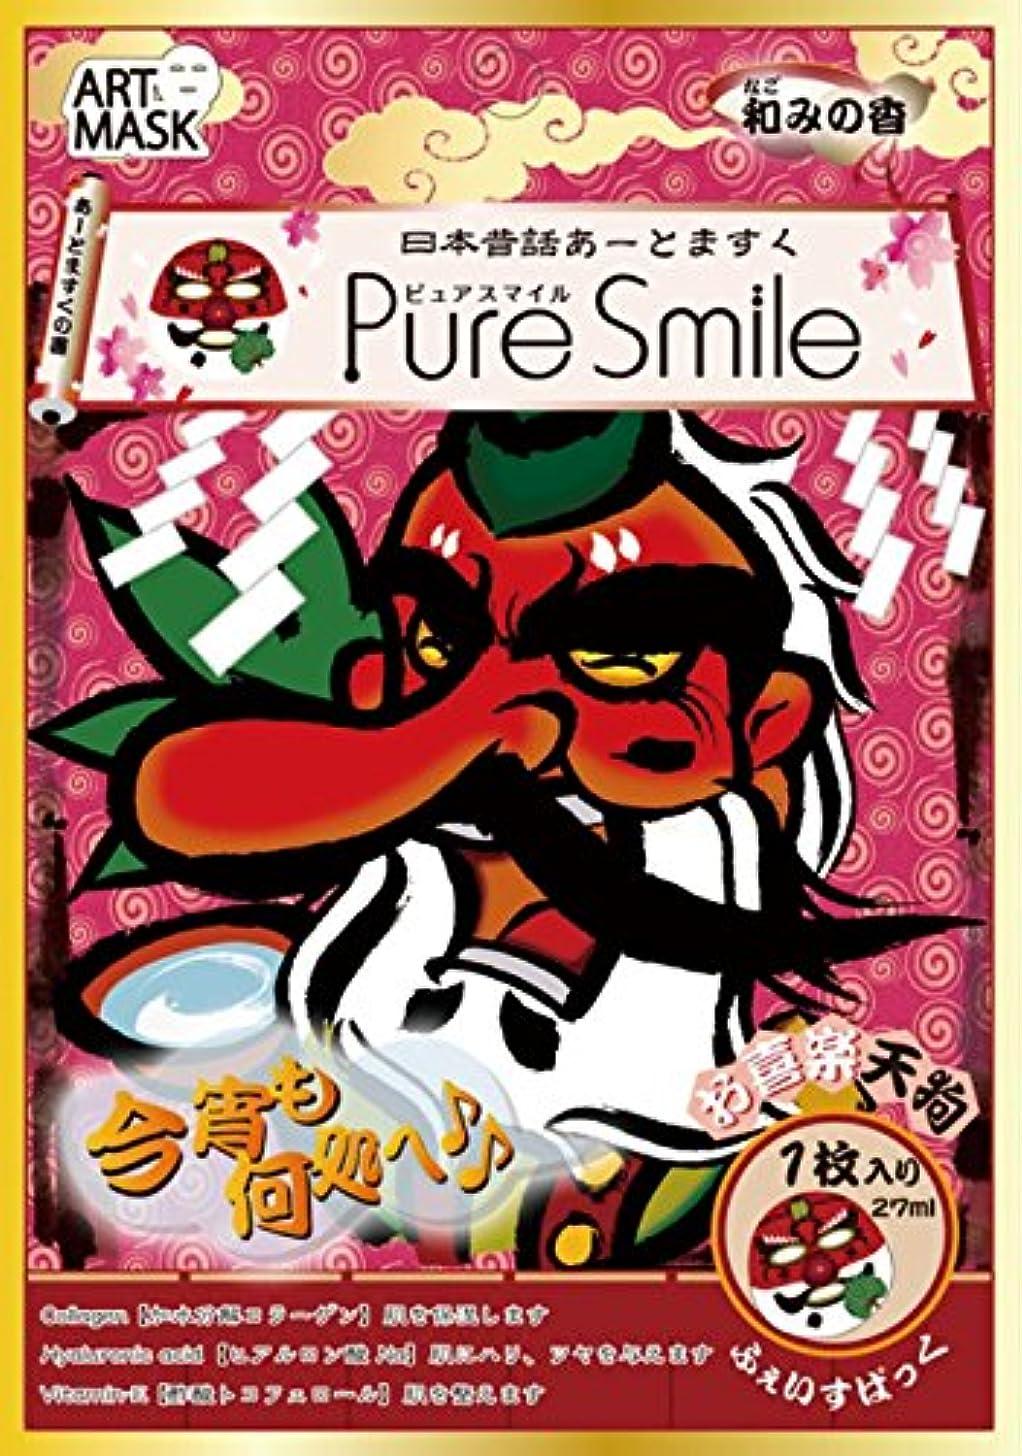 ピュアスマイル 『日本昔話あーとますく』(お喜楽天狗/なごみの香)